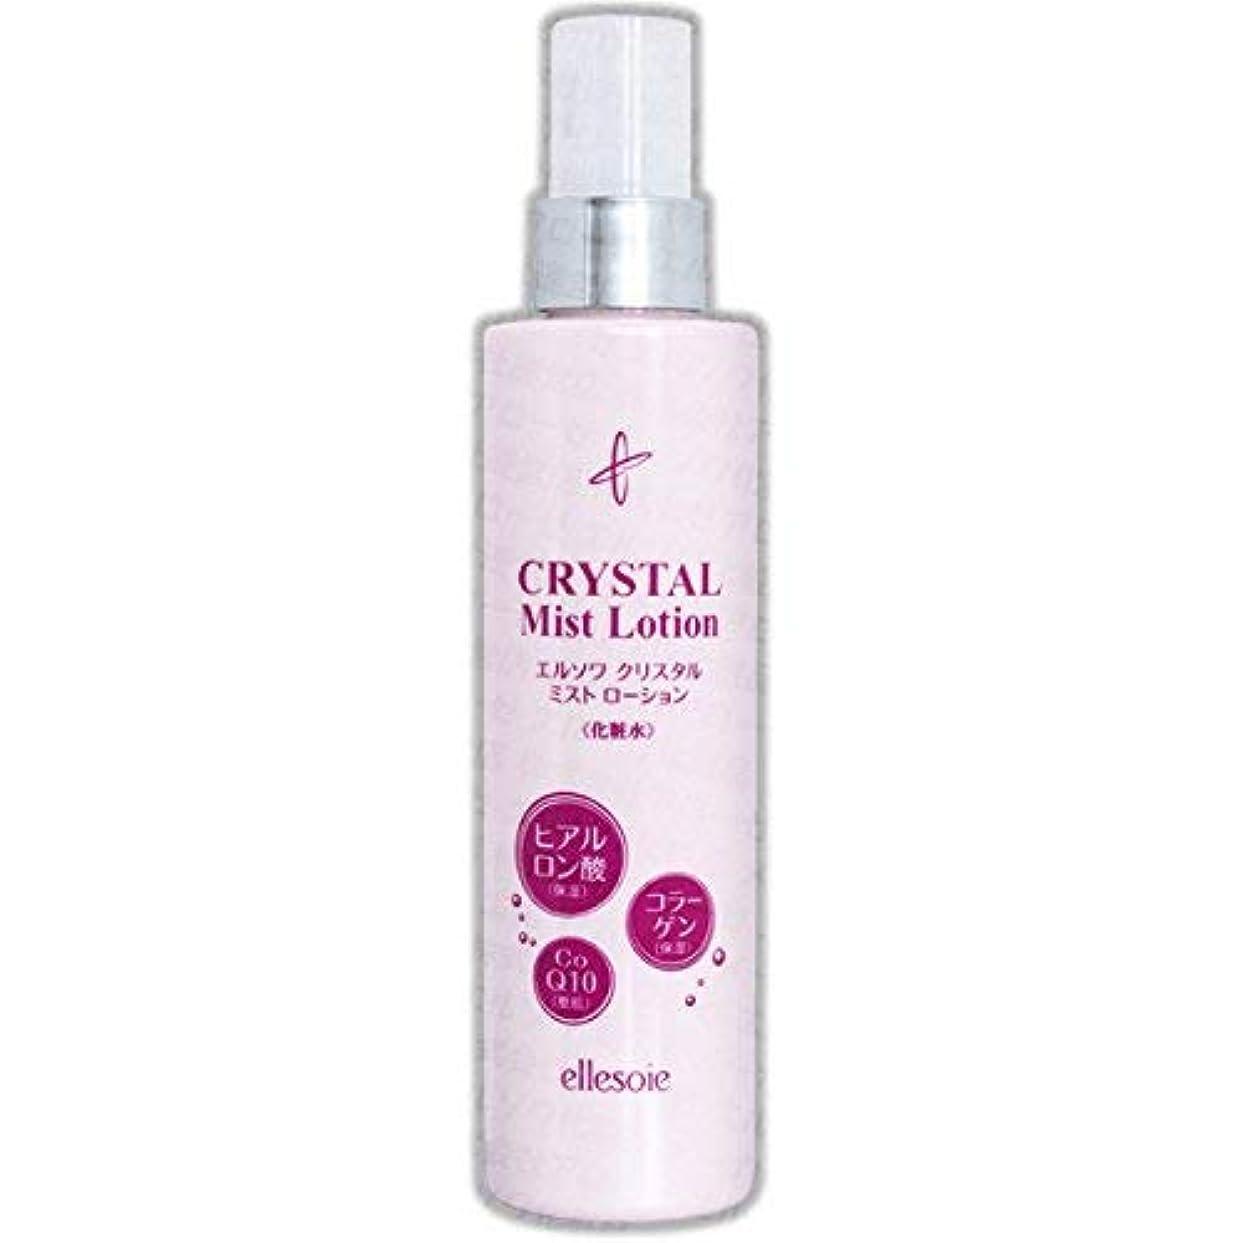 パンサーナチュラ討論エルソワ化粧品(ellesoie) クリスタル ミストローション 化粧水 (ミストローション)